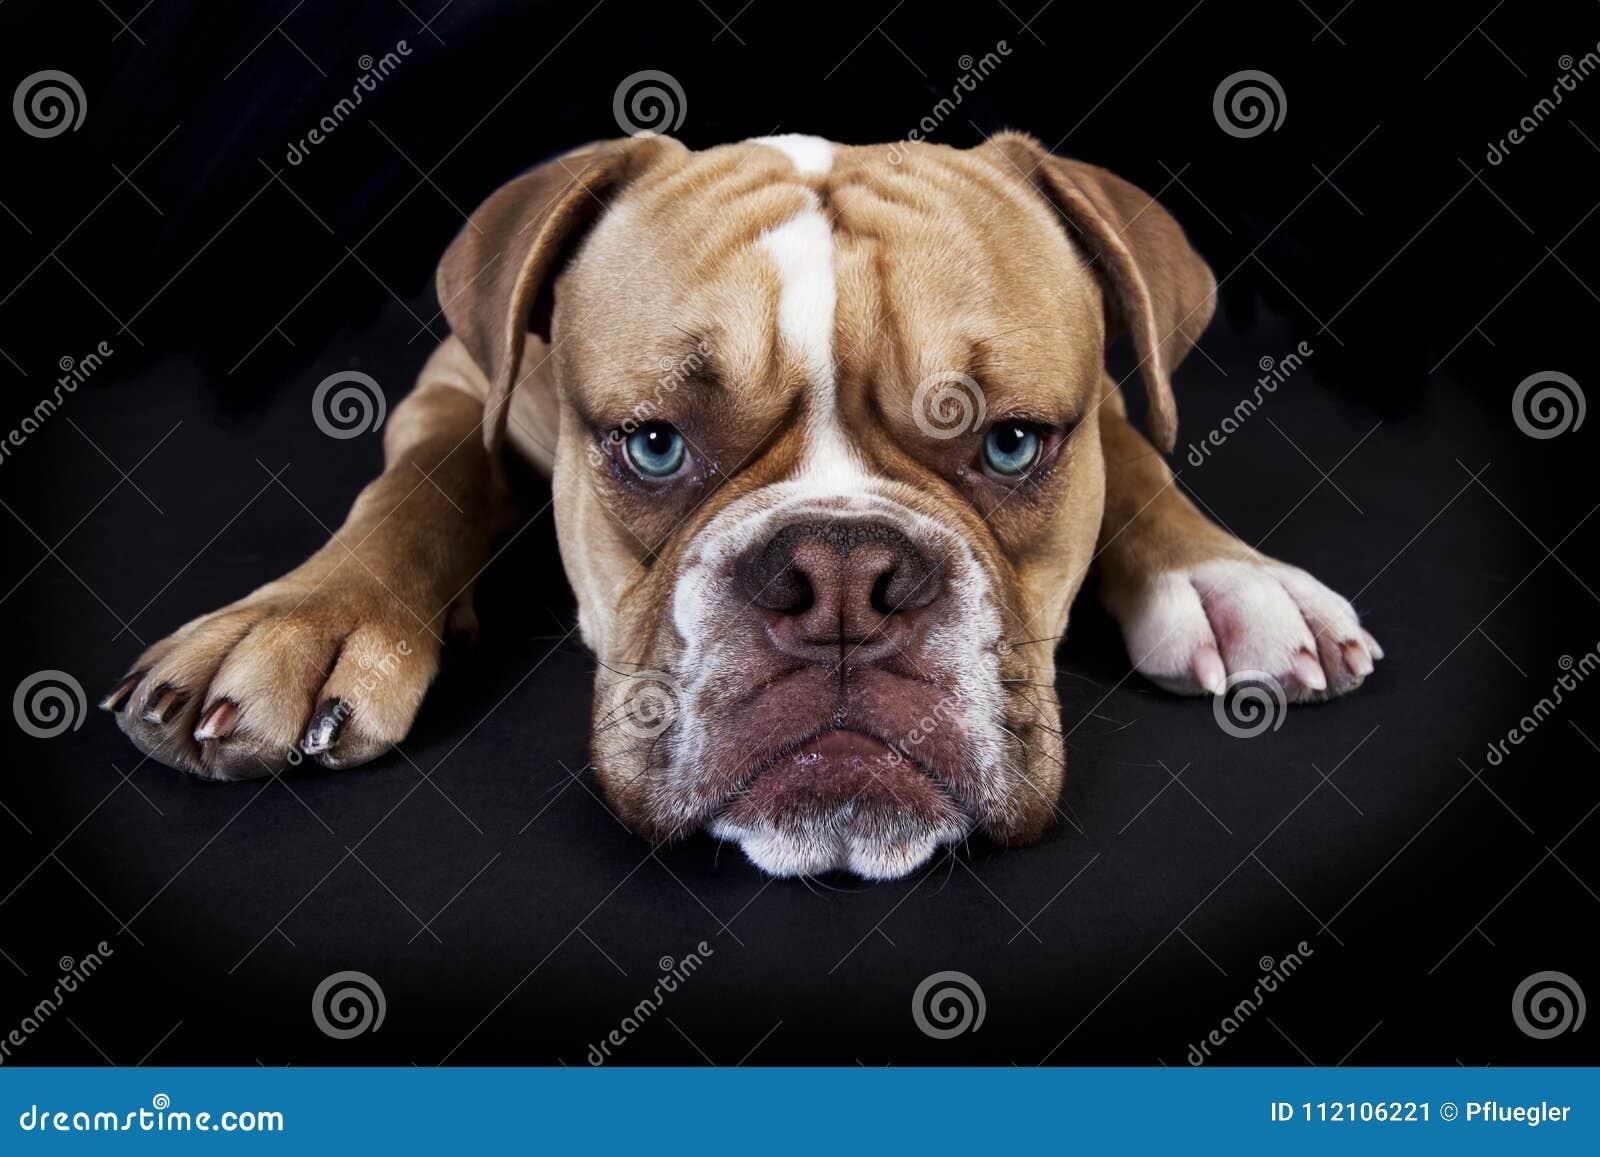 Olde english bulldog black background